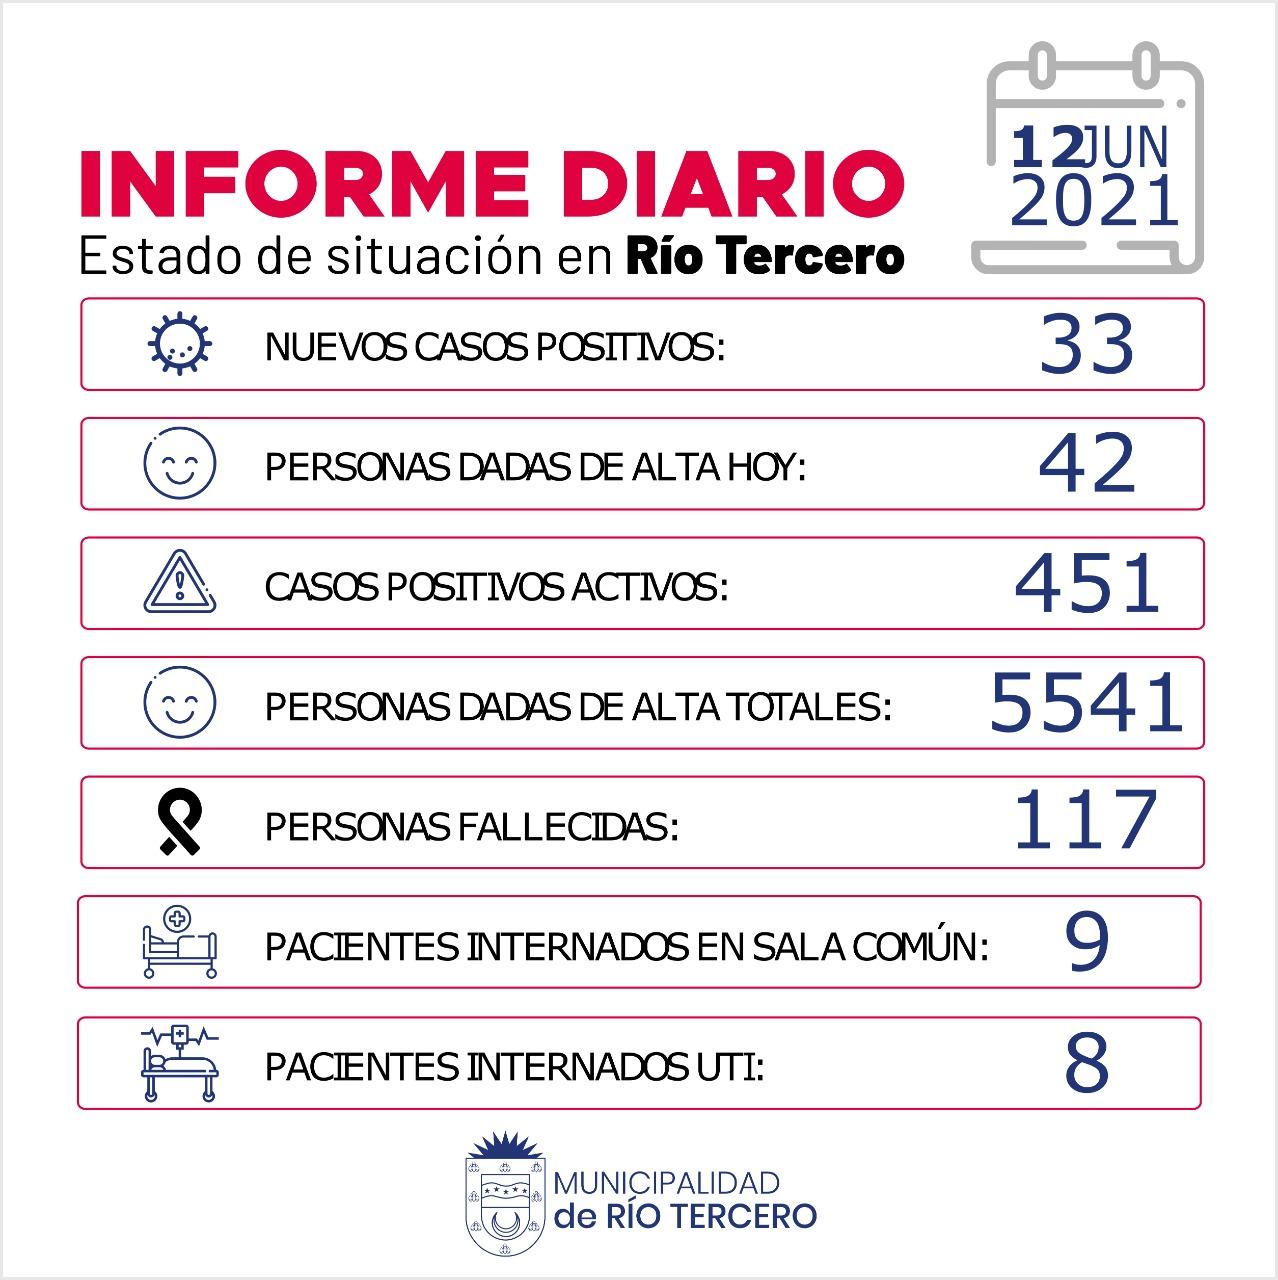 RÍO TERCERO HUBO 5 FALLECIDOS: HOY SE REGISTRARON 33 NUEVOS CASOS